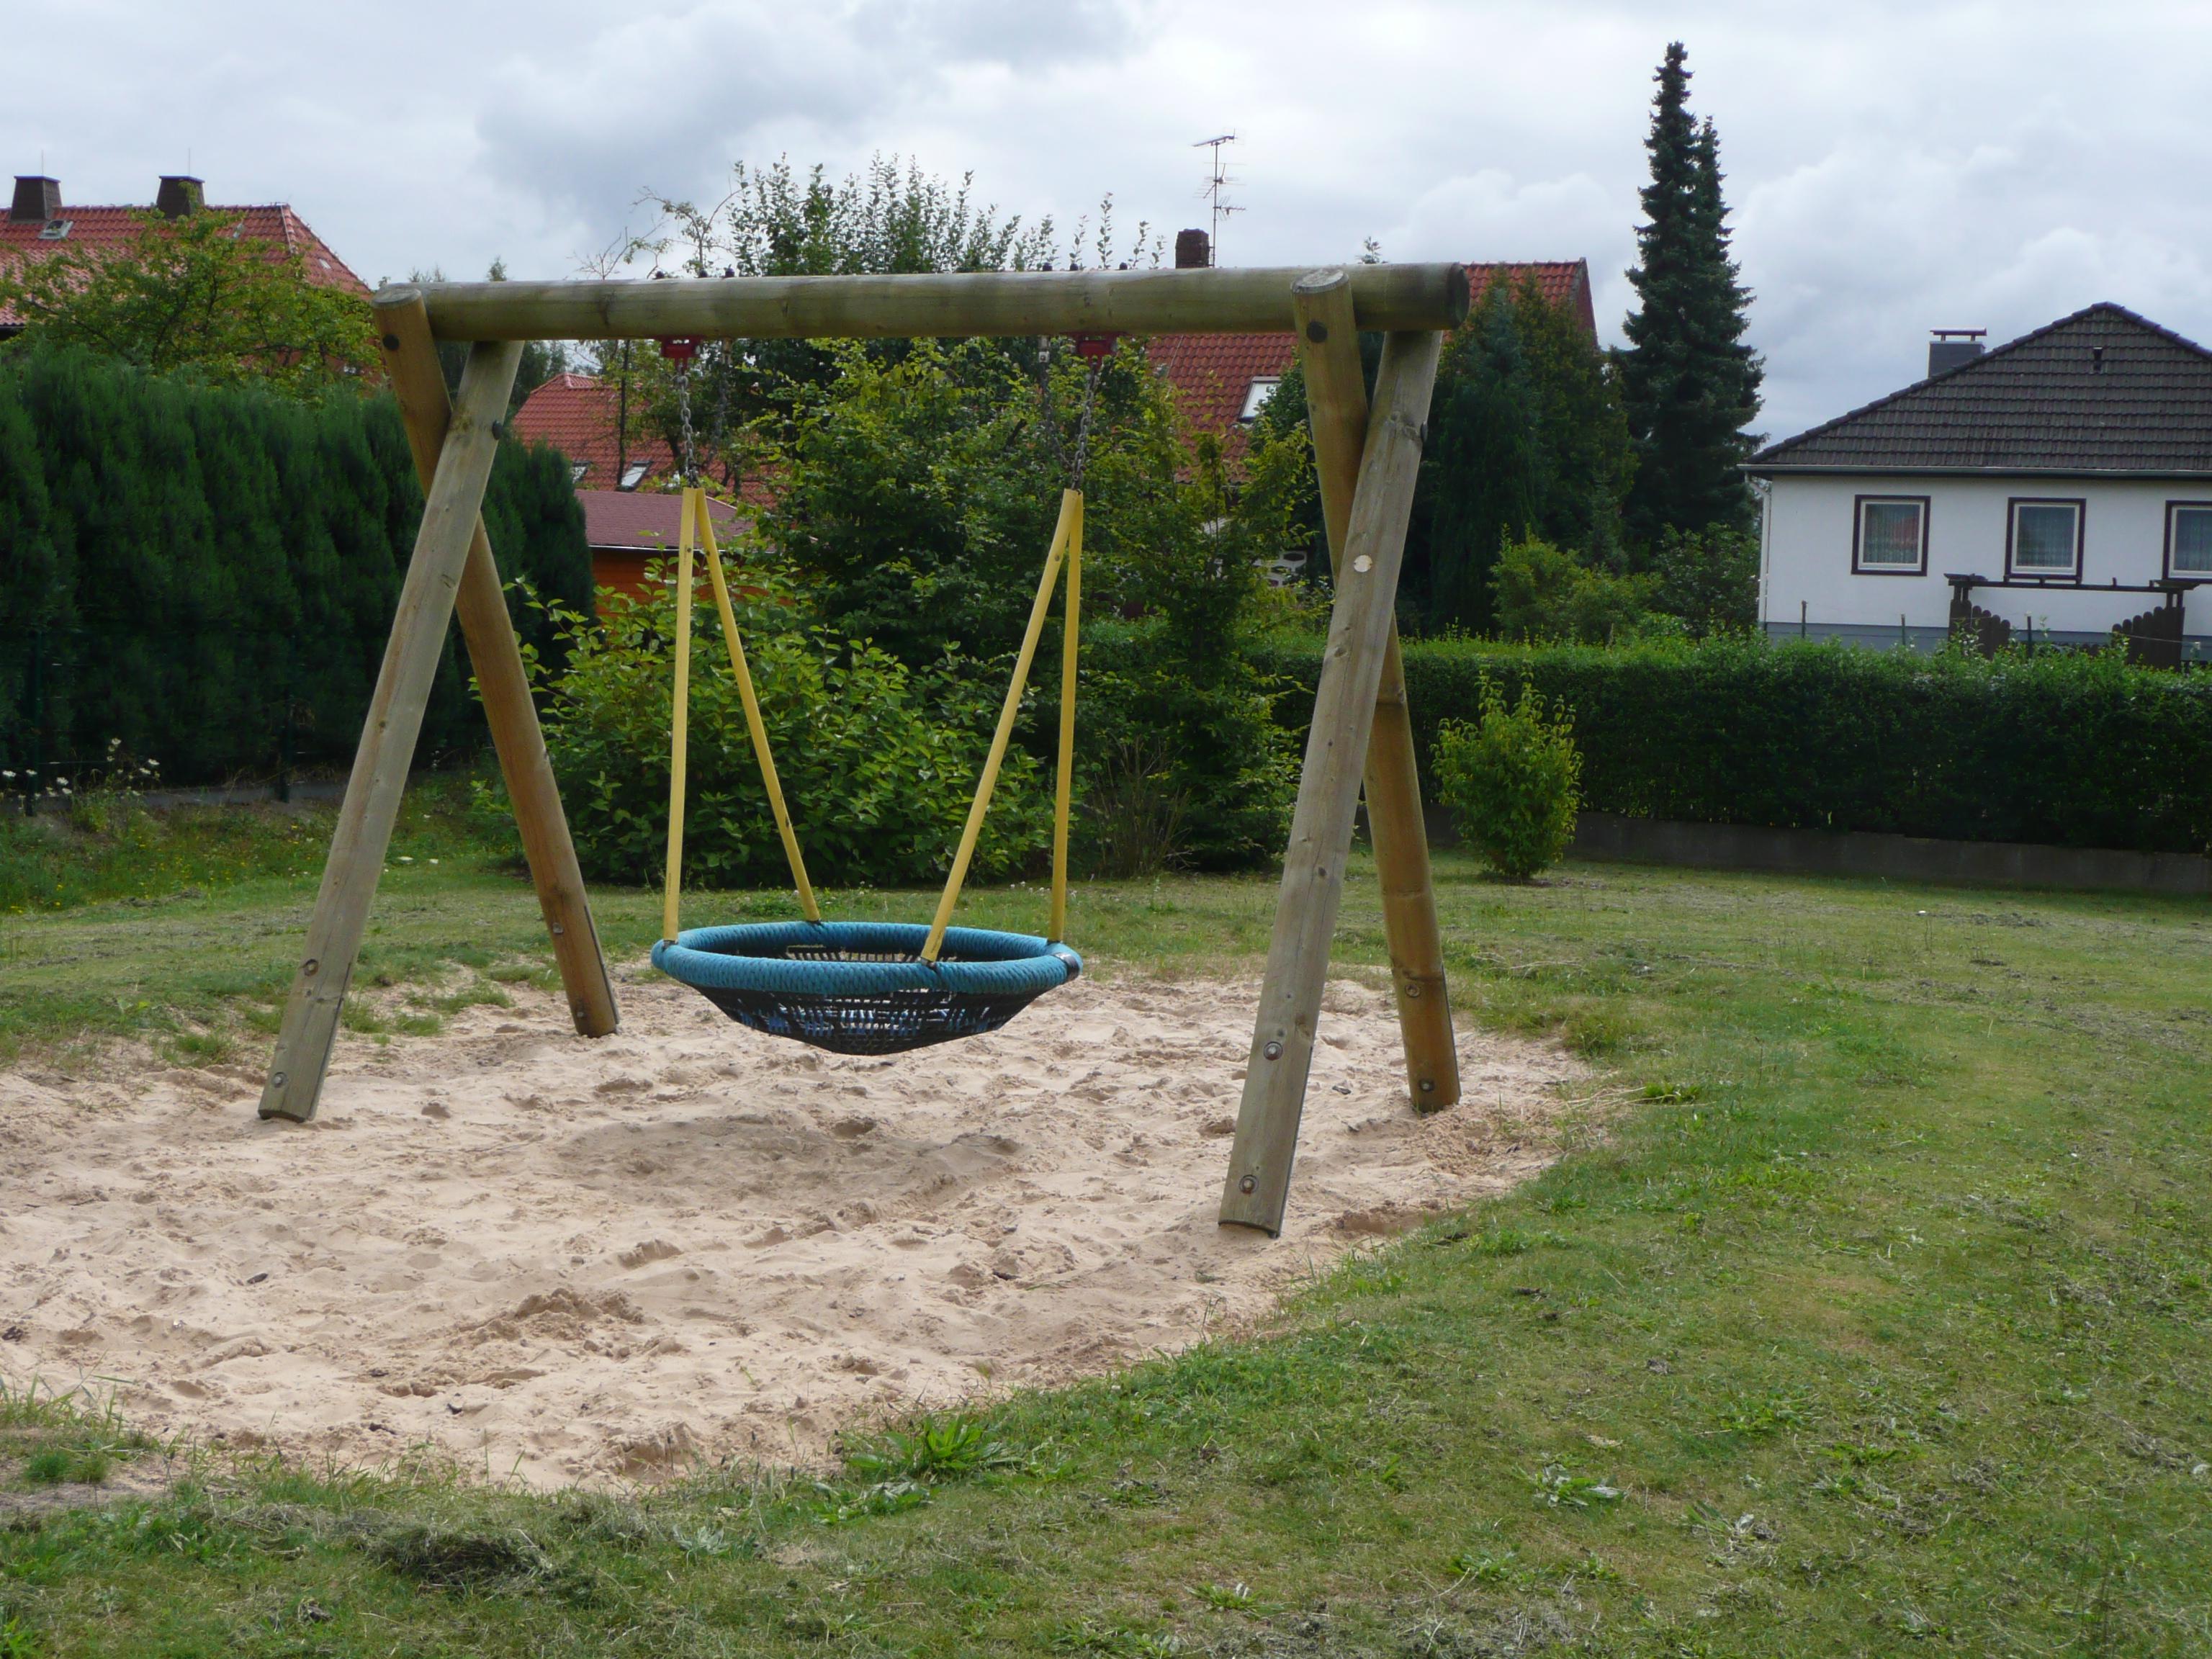 Spielplatz am Scheibenstand